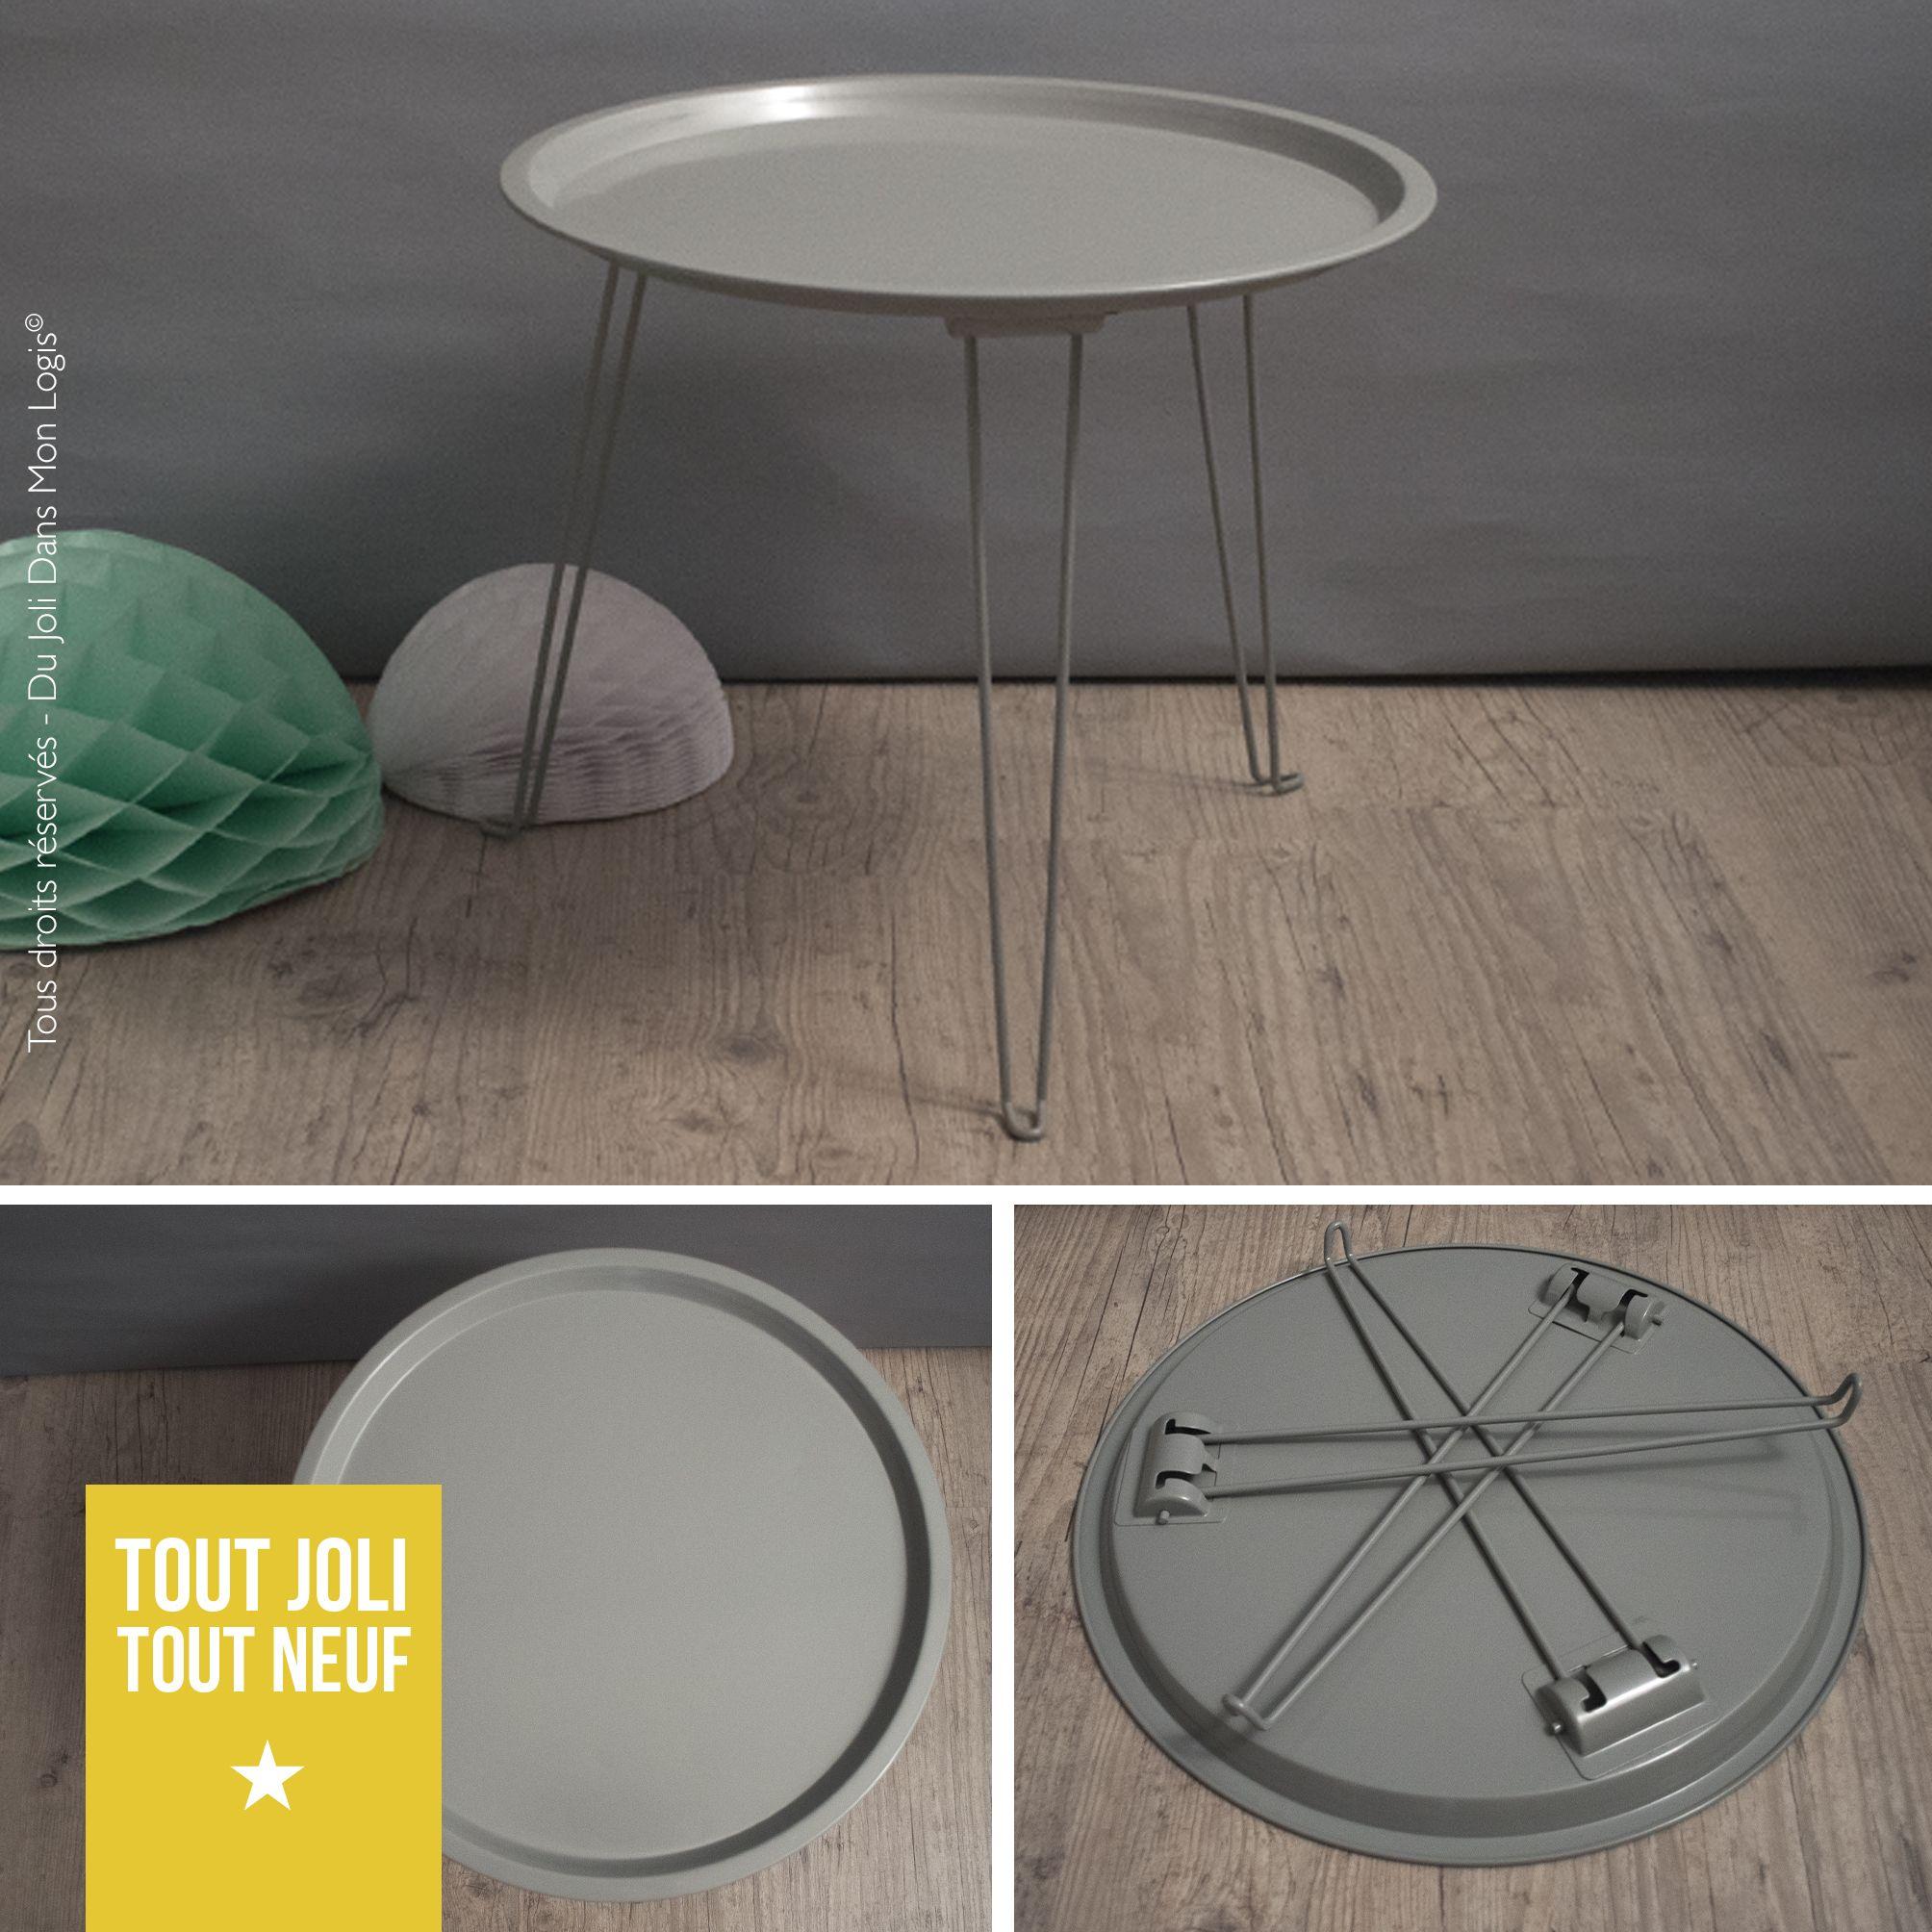 51d2b20d798de6ef77ae51e5923b61f7 Impressionnant De Pieds Pour Table Basse Concept